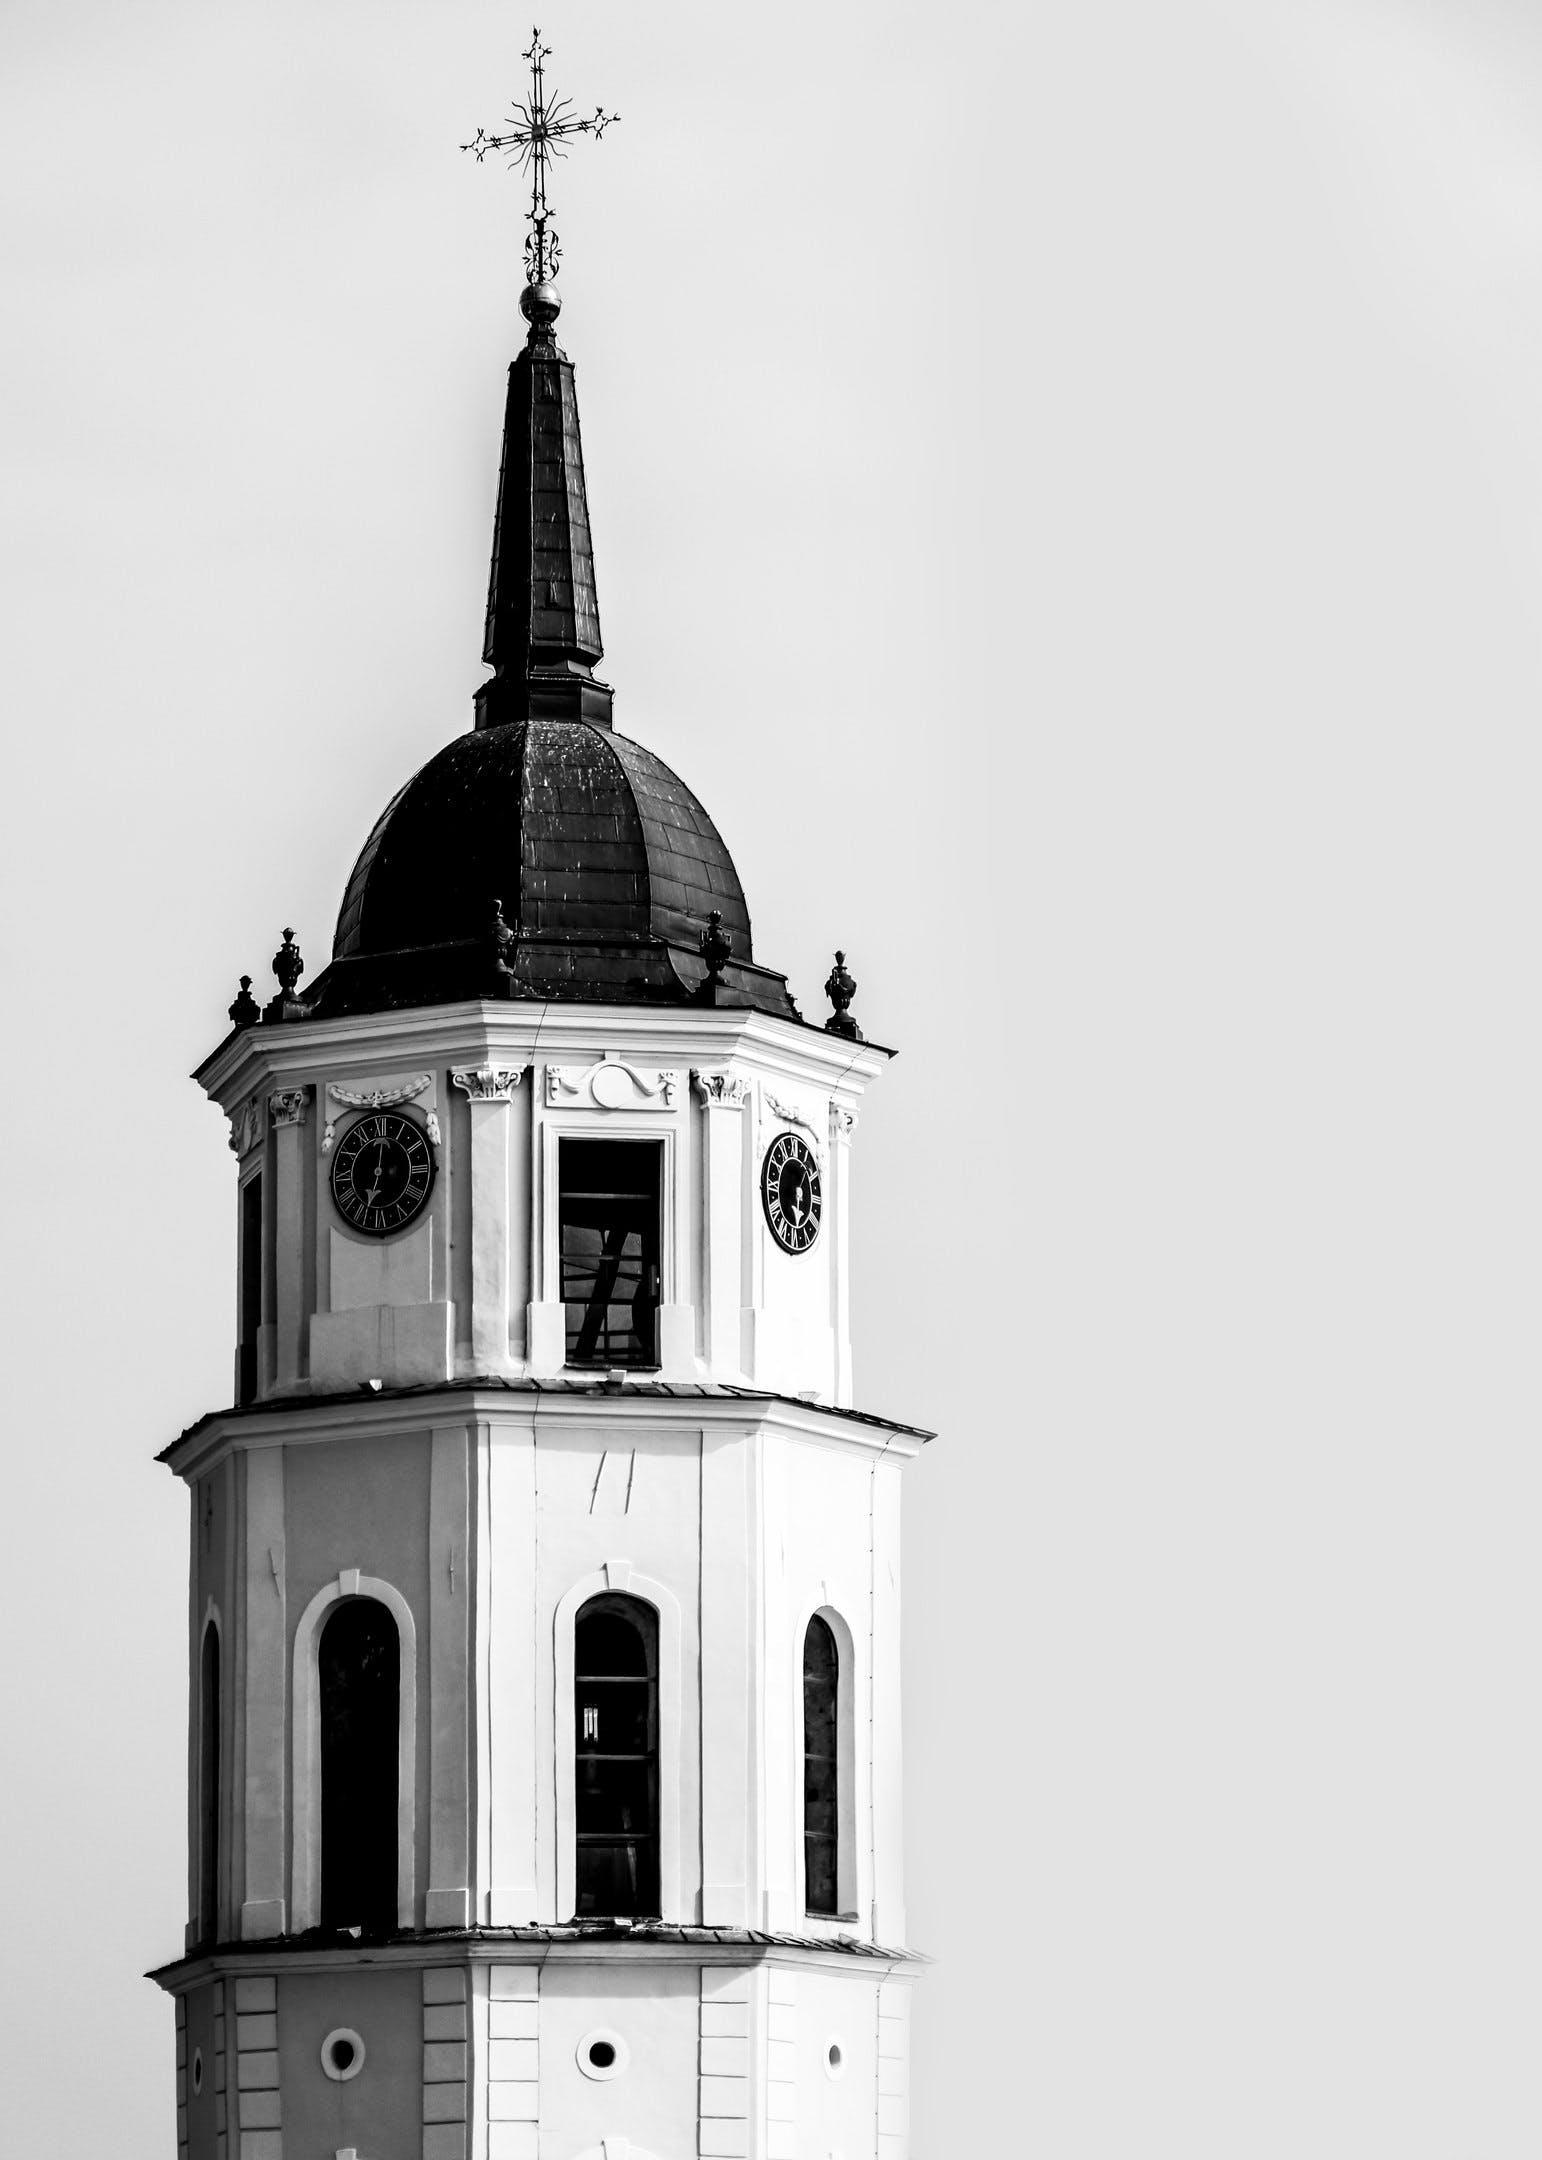 White Black Church Clock Tower